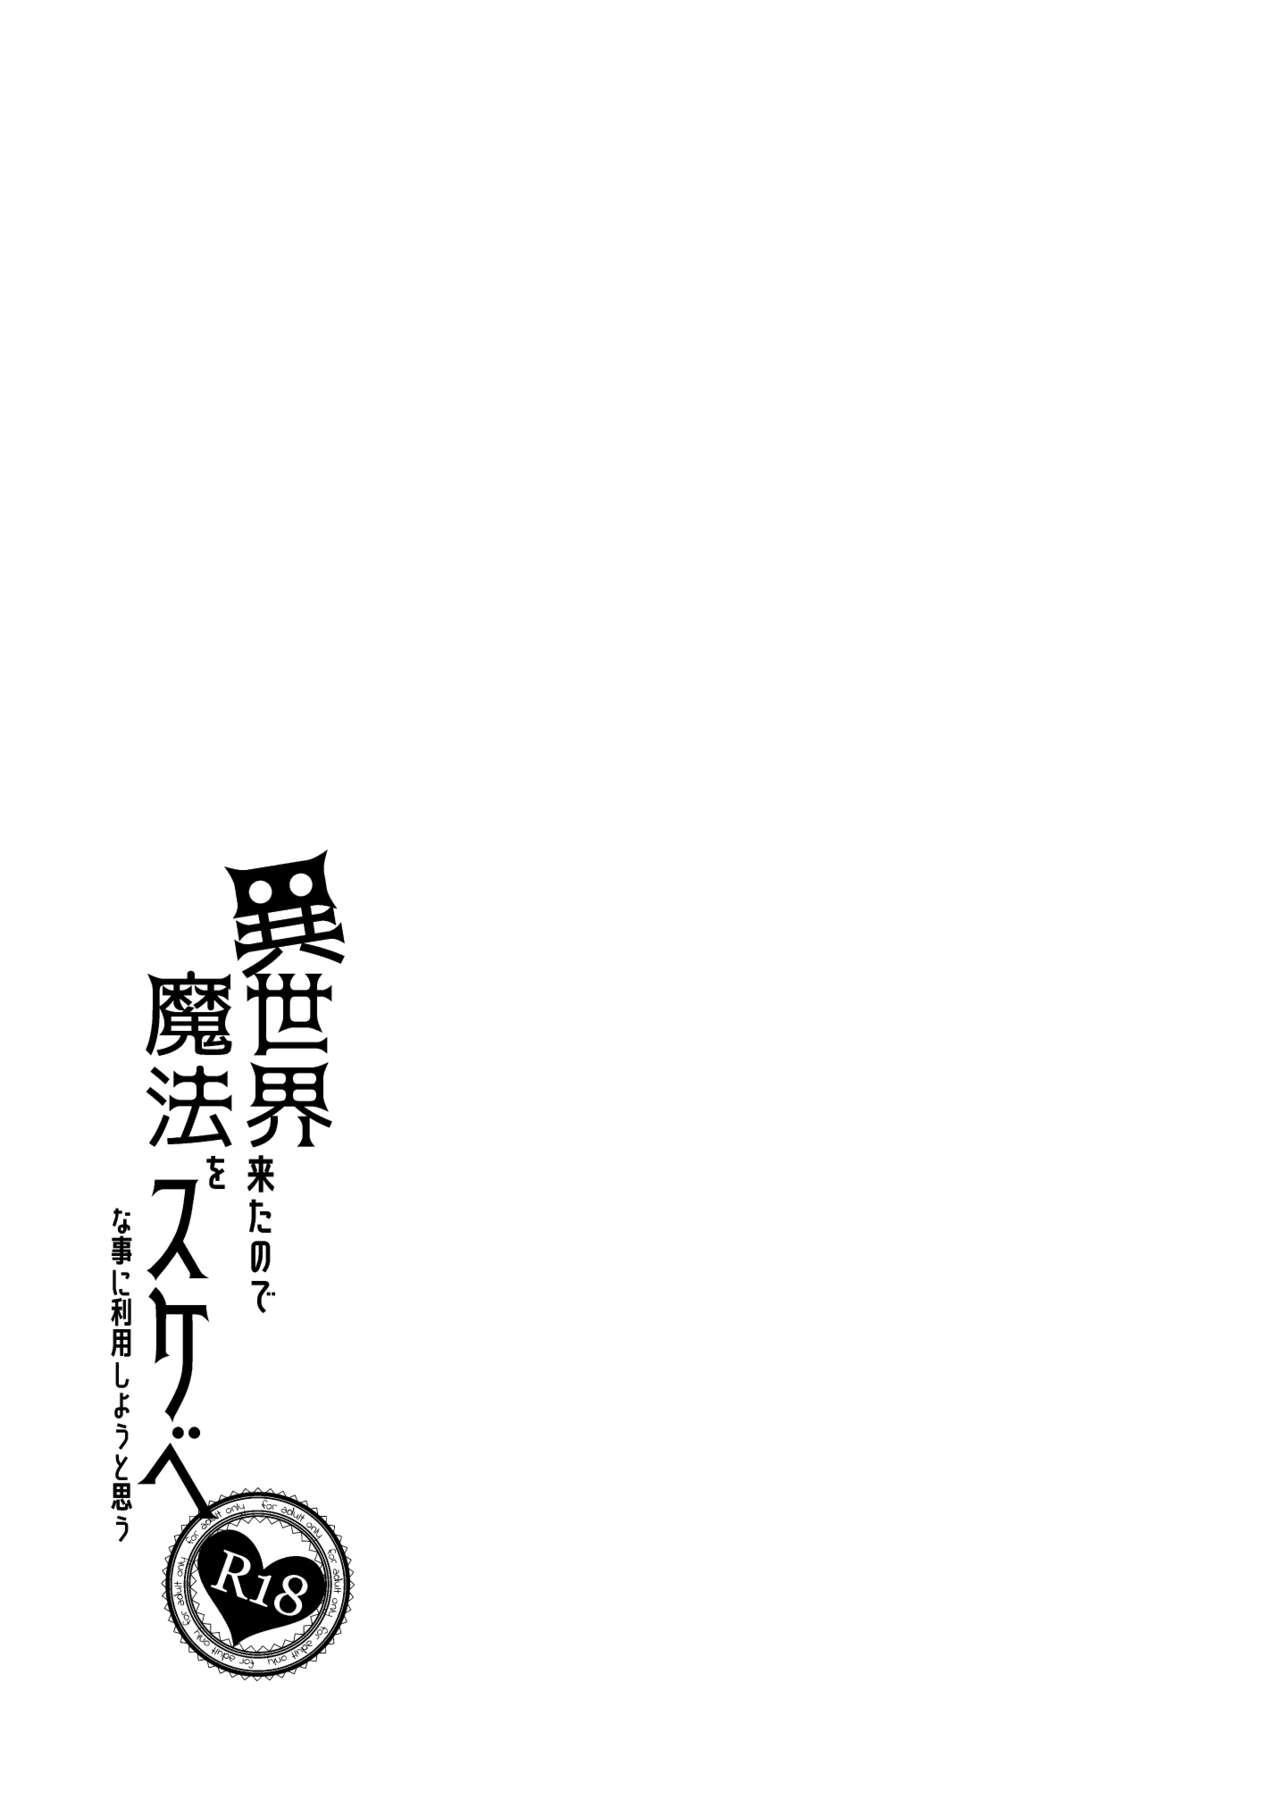 Isekai Kita no de Mahou o Sukebe na Koto ni Riyou Shiyou to Omou 23